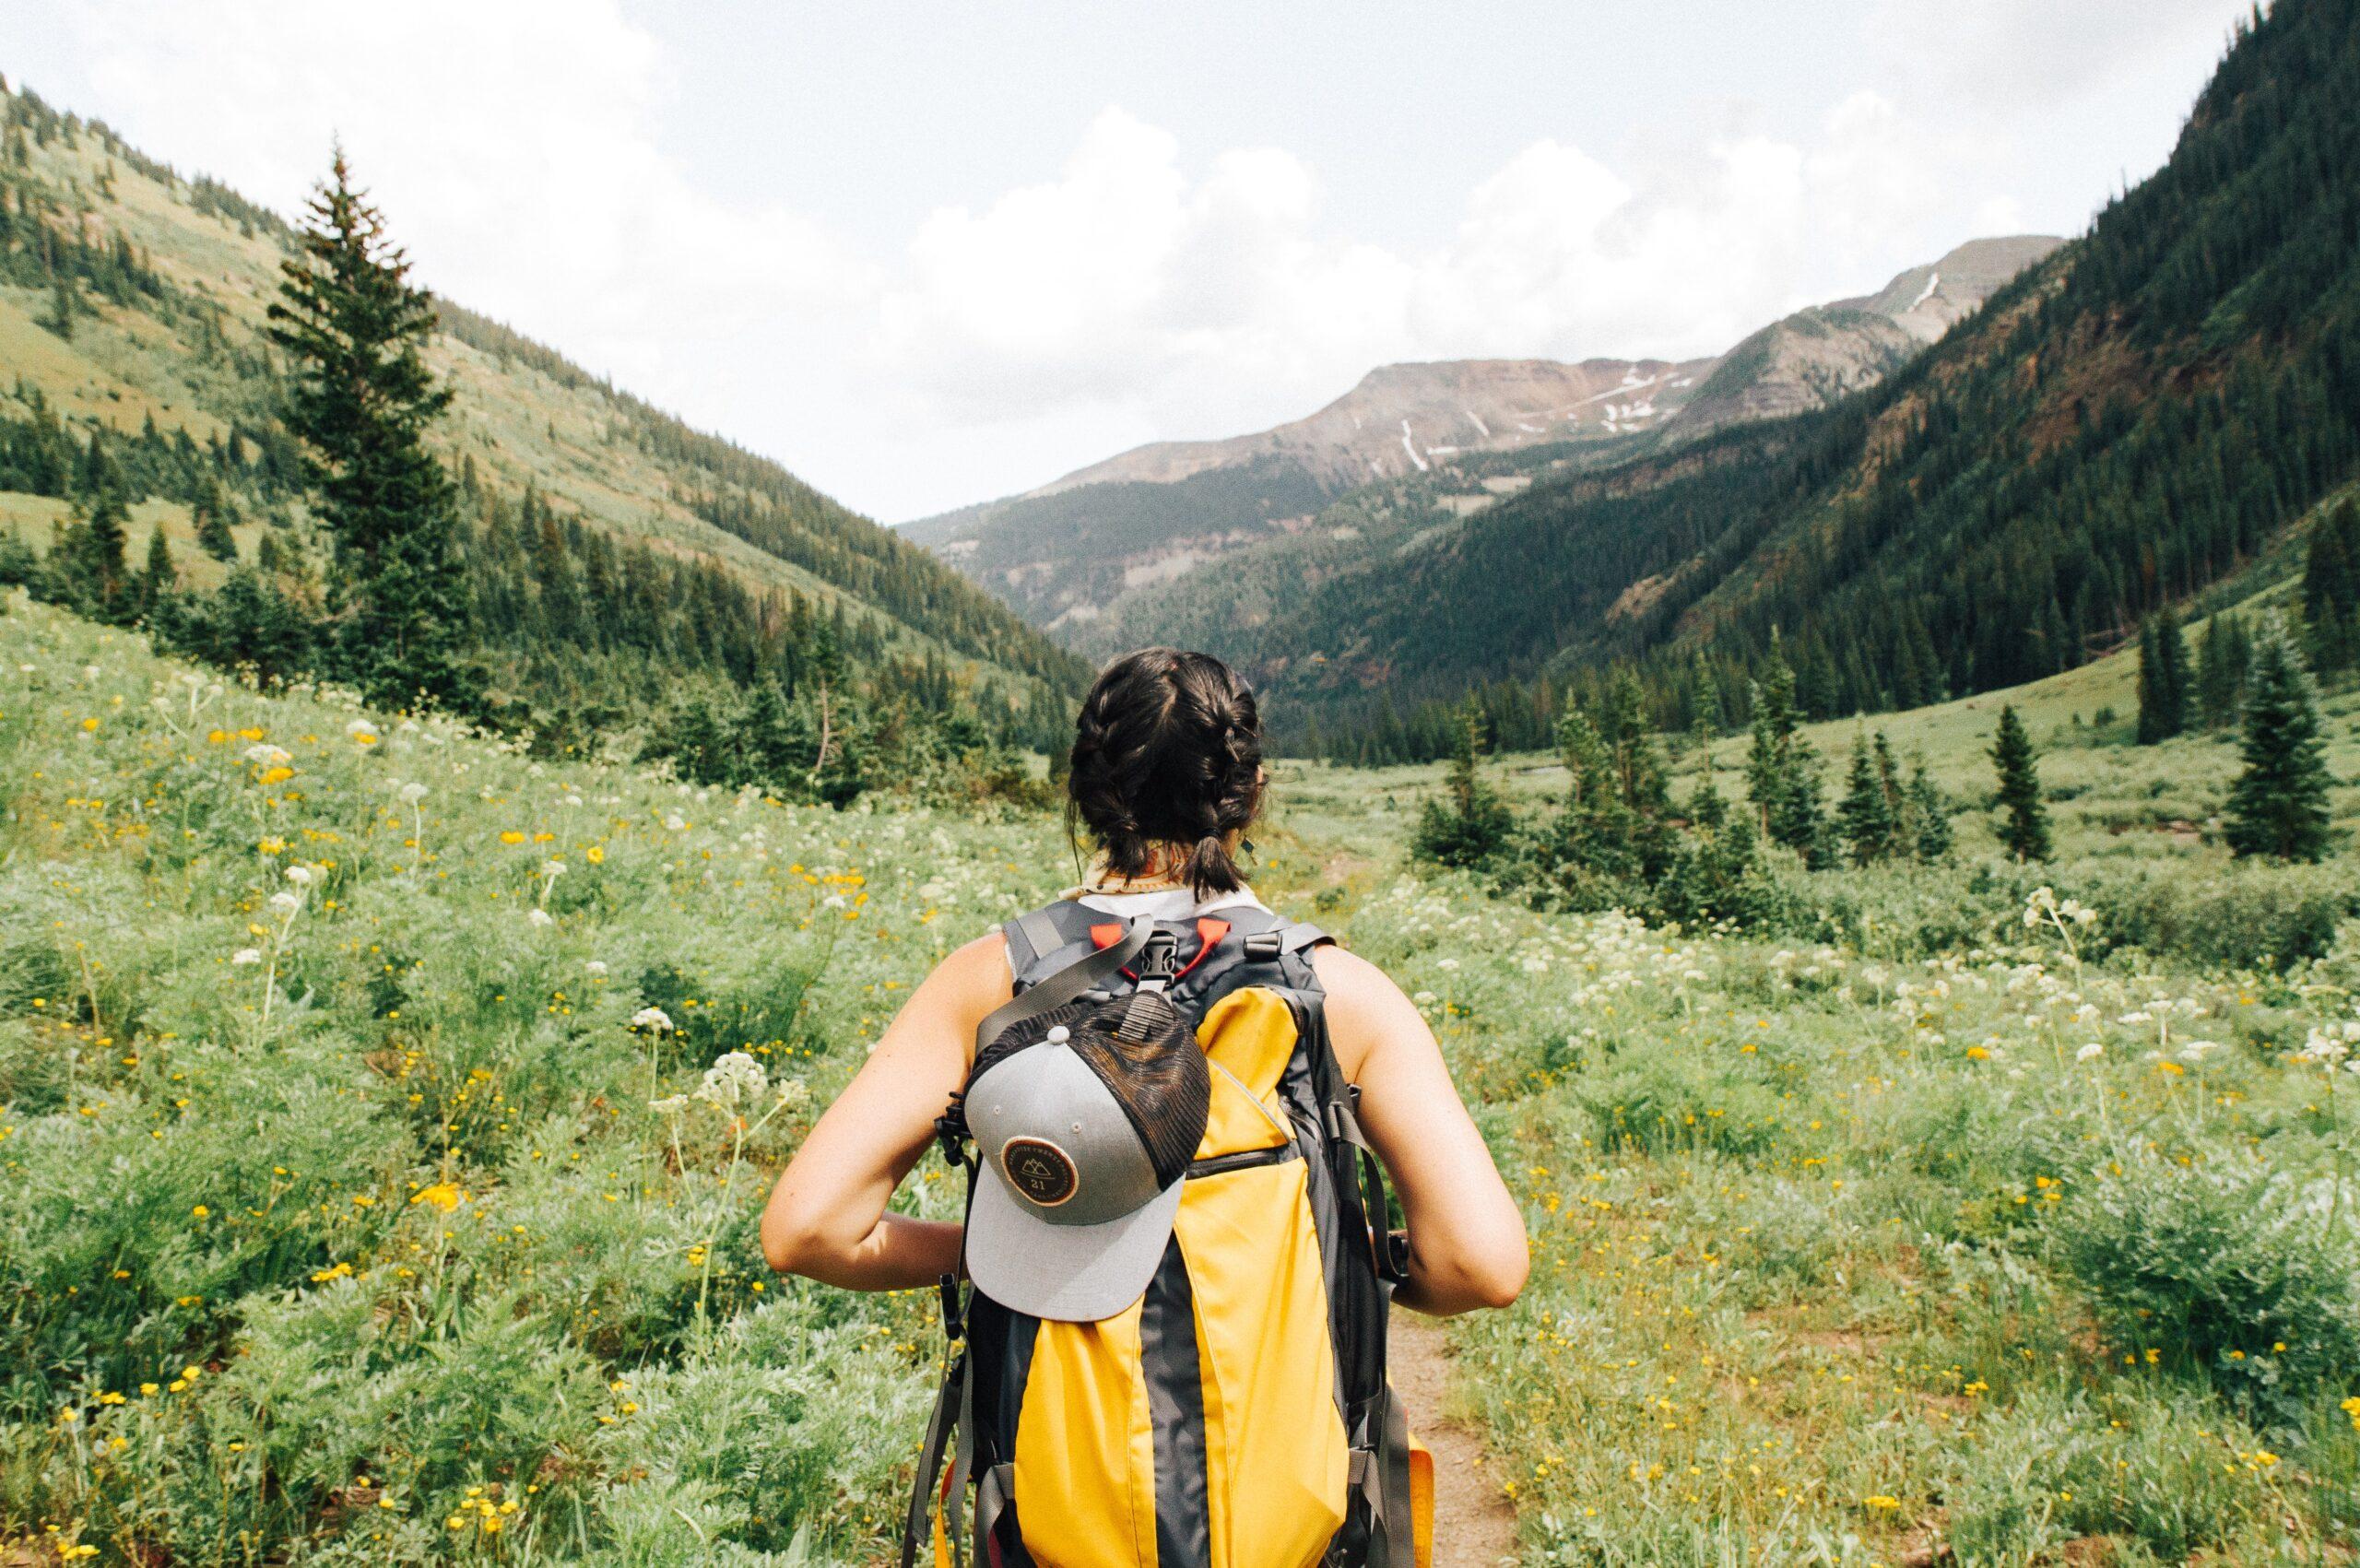 知的好奇心の満たし方で大事なことは?探求しすぎて踏み外さないための方法。